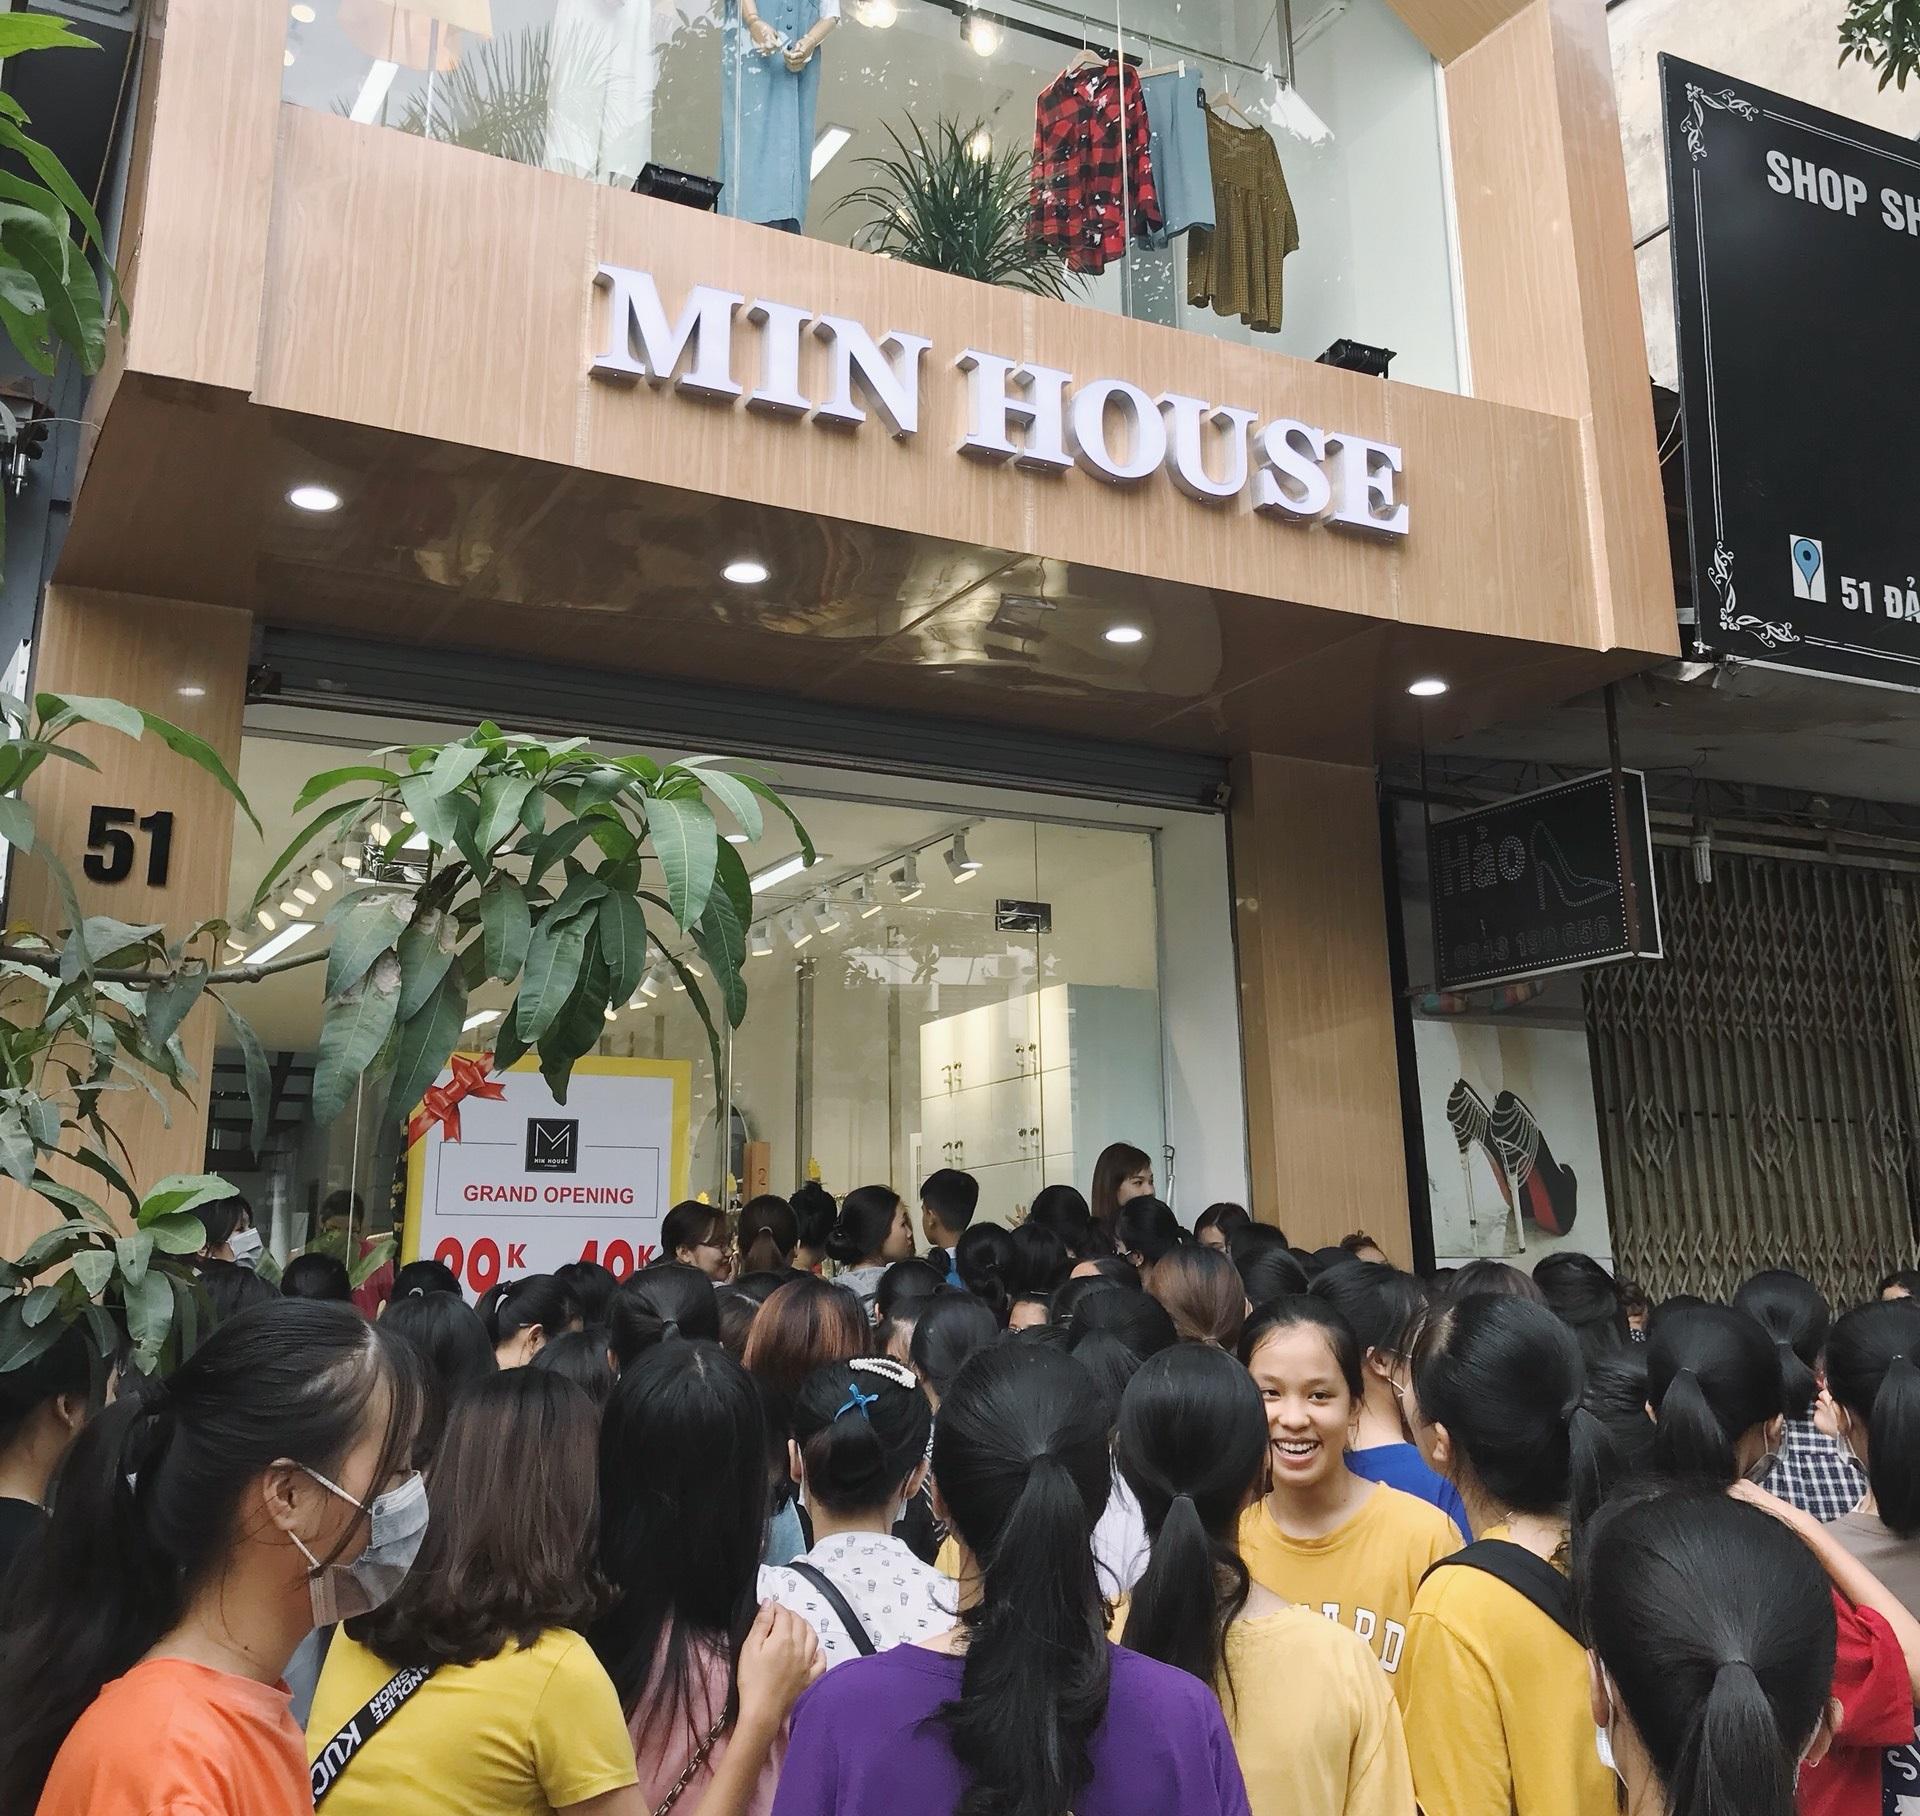 Điểm danh 4 địa chỉ chuyên bán hàng thùng không thể bỏ qua tại Hà Nội